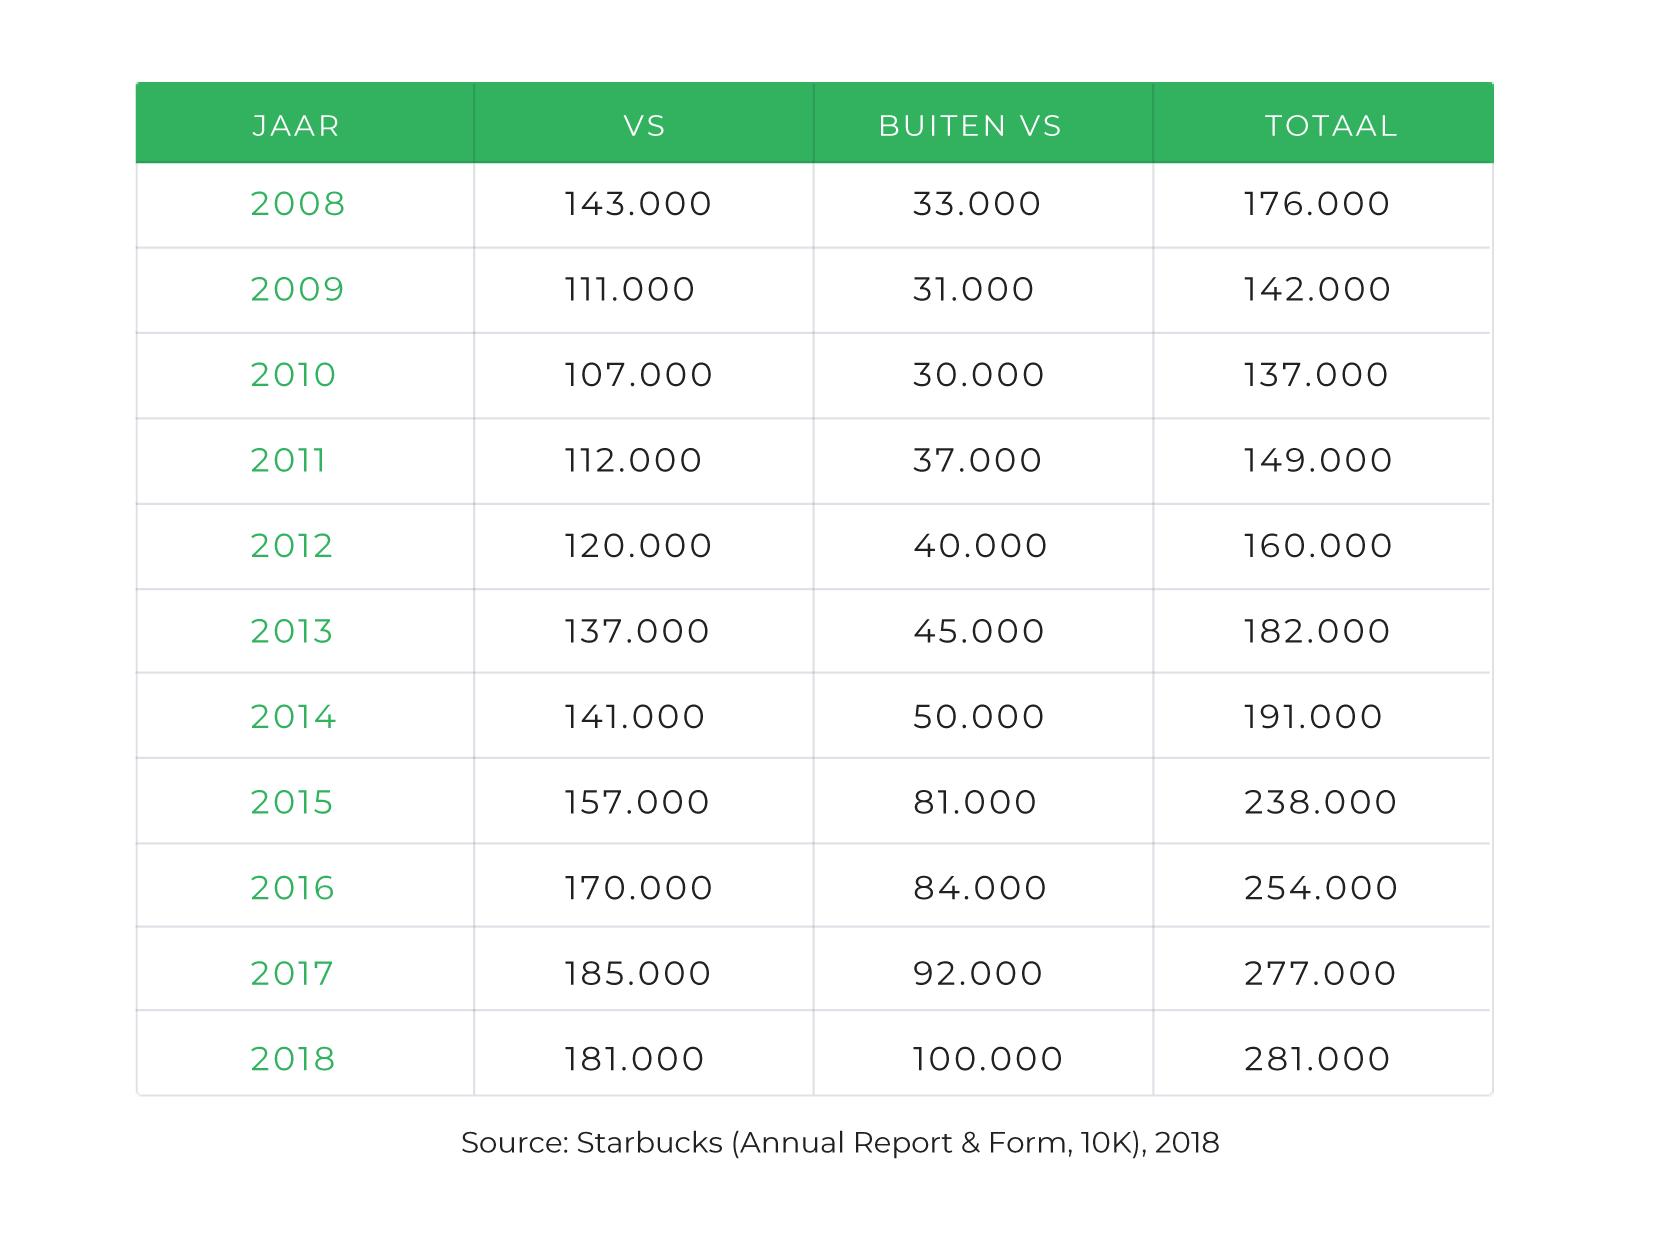 De tabel laat de schommeling zien van het aantal Starbuckswerknemers tussen 2008 en 2018